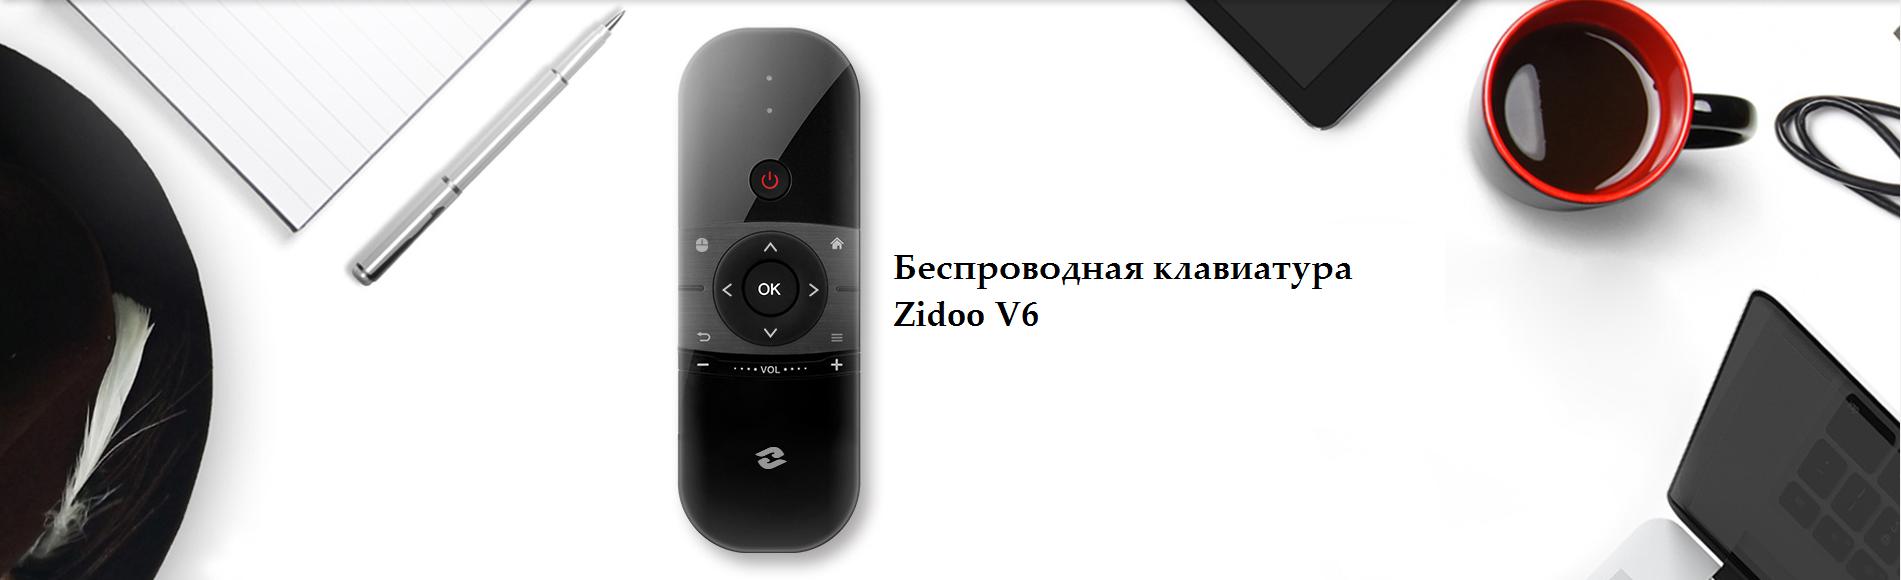 zidoo_v6